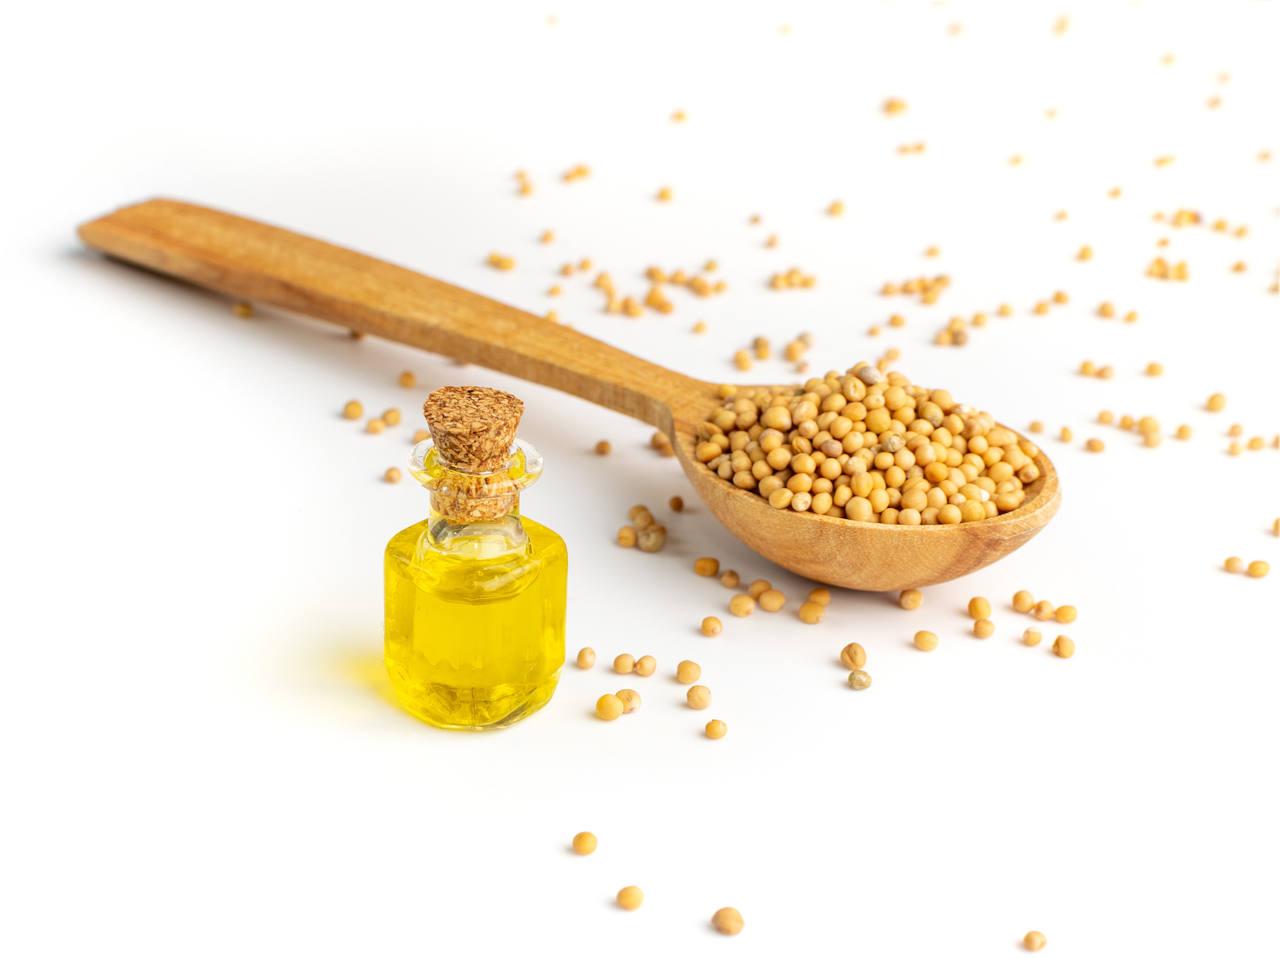 les graines de l'huile de moutarde possèdent de nombreuses vertues pour la peau